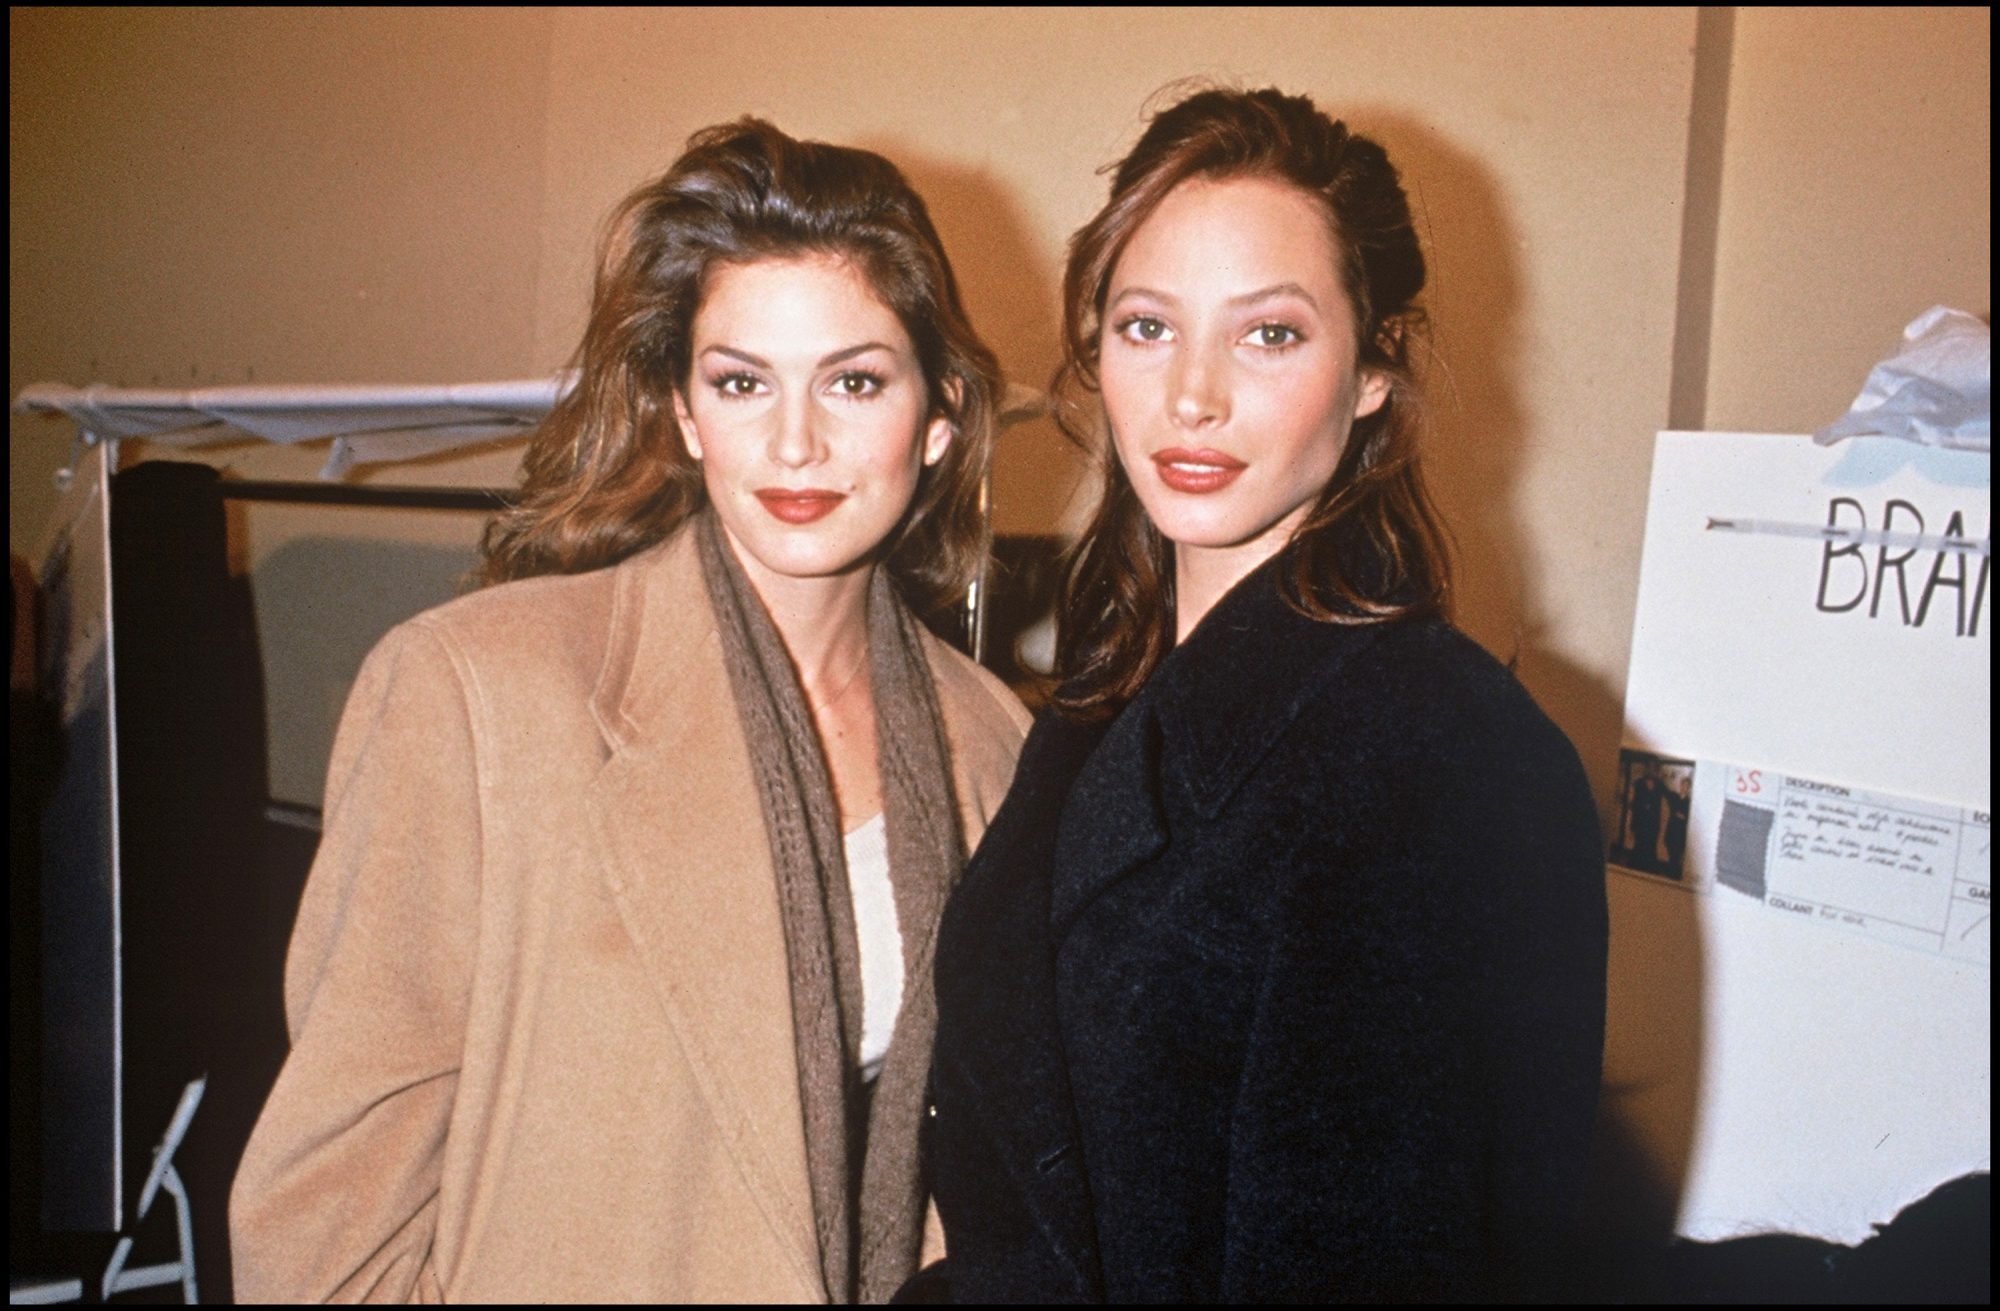 Un documental contará la historia de cuatro de las supermodelos de los 90